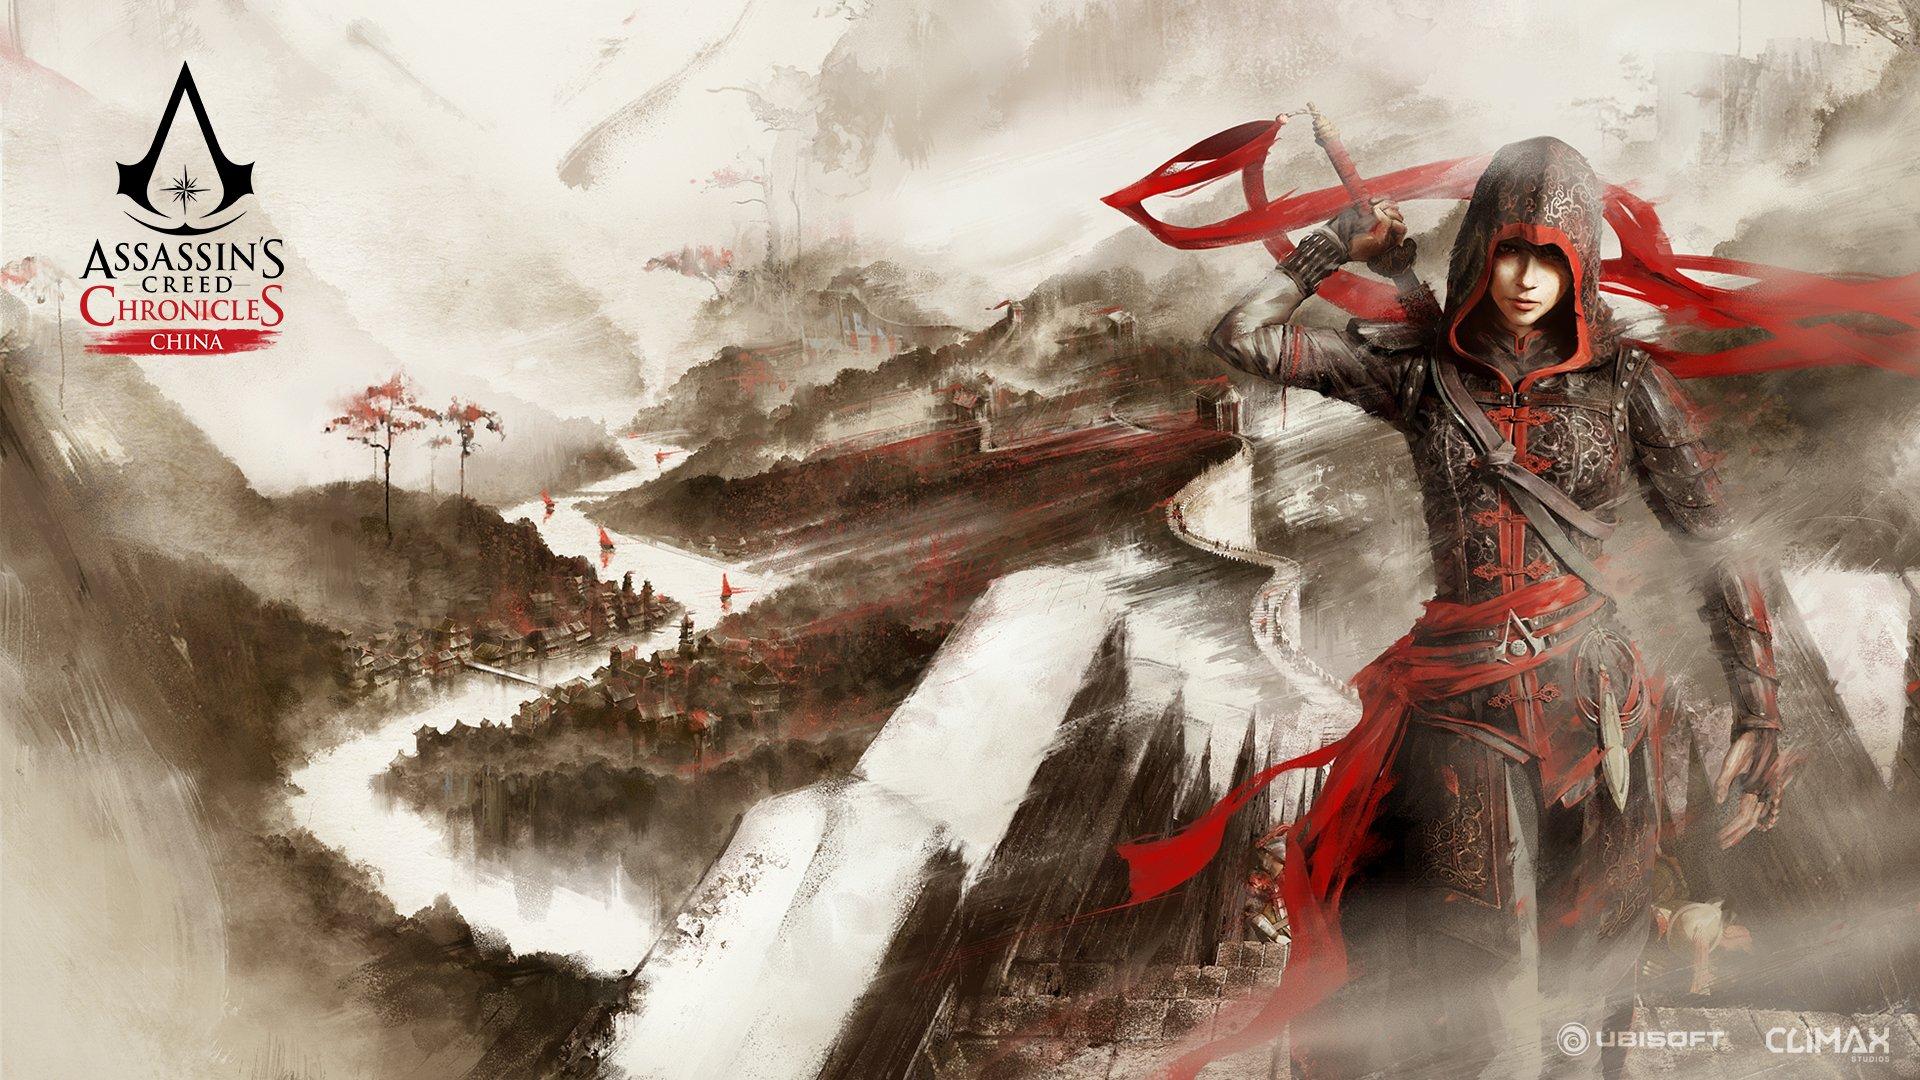 48 Assassin S Creed China Wallpaper On Wallpapersafari